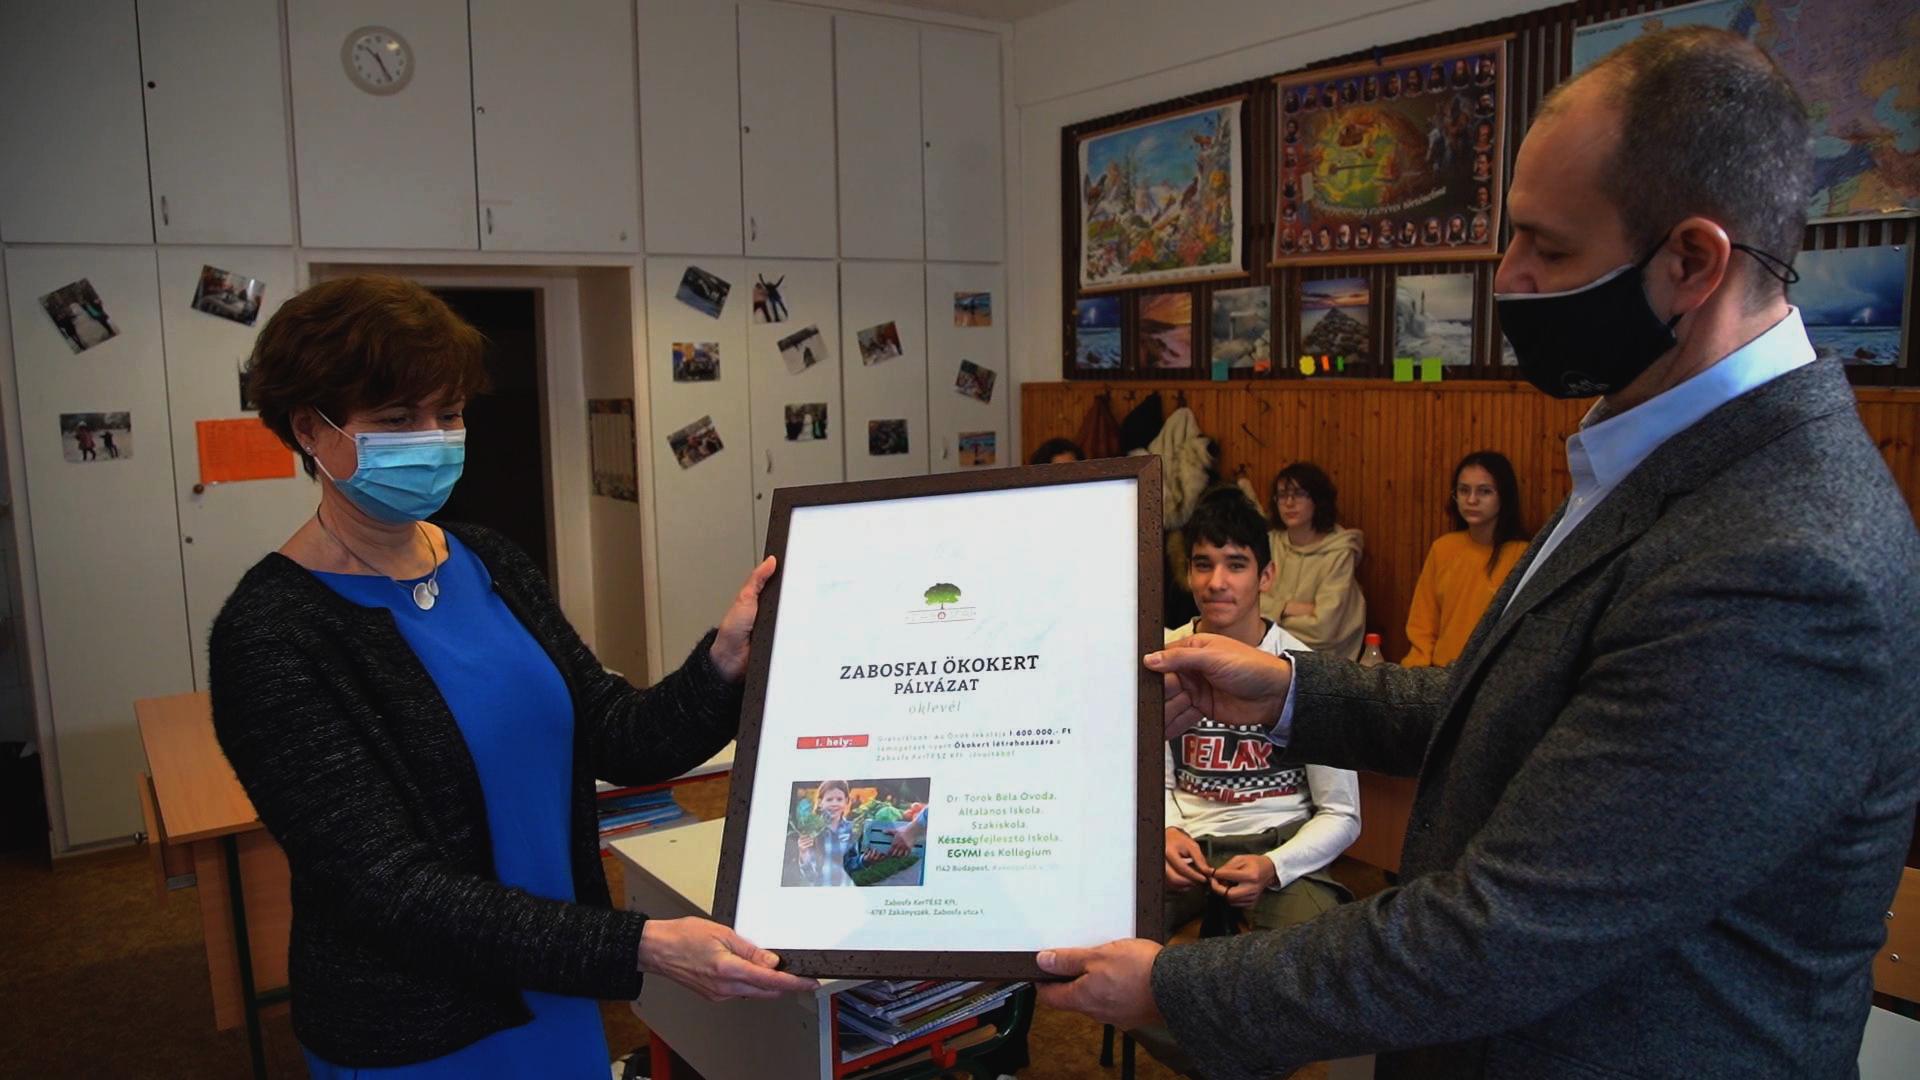 Zabosfai Ökokert első helyezett 2. iskola